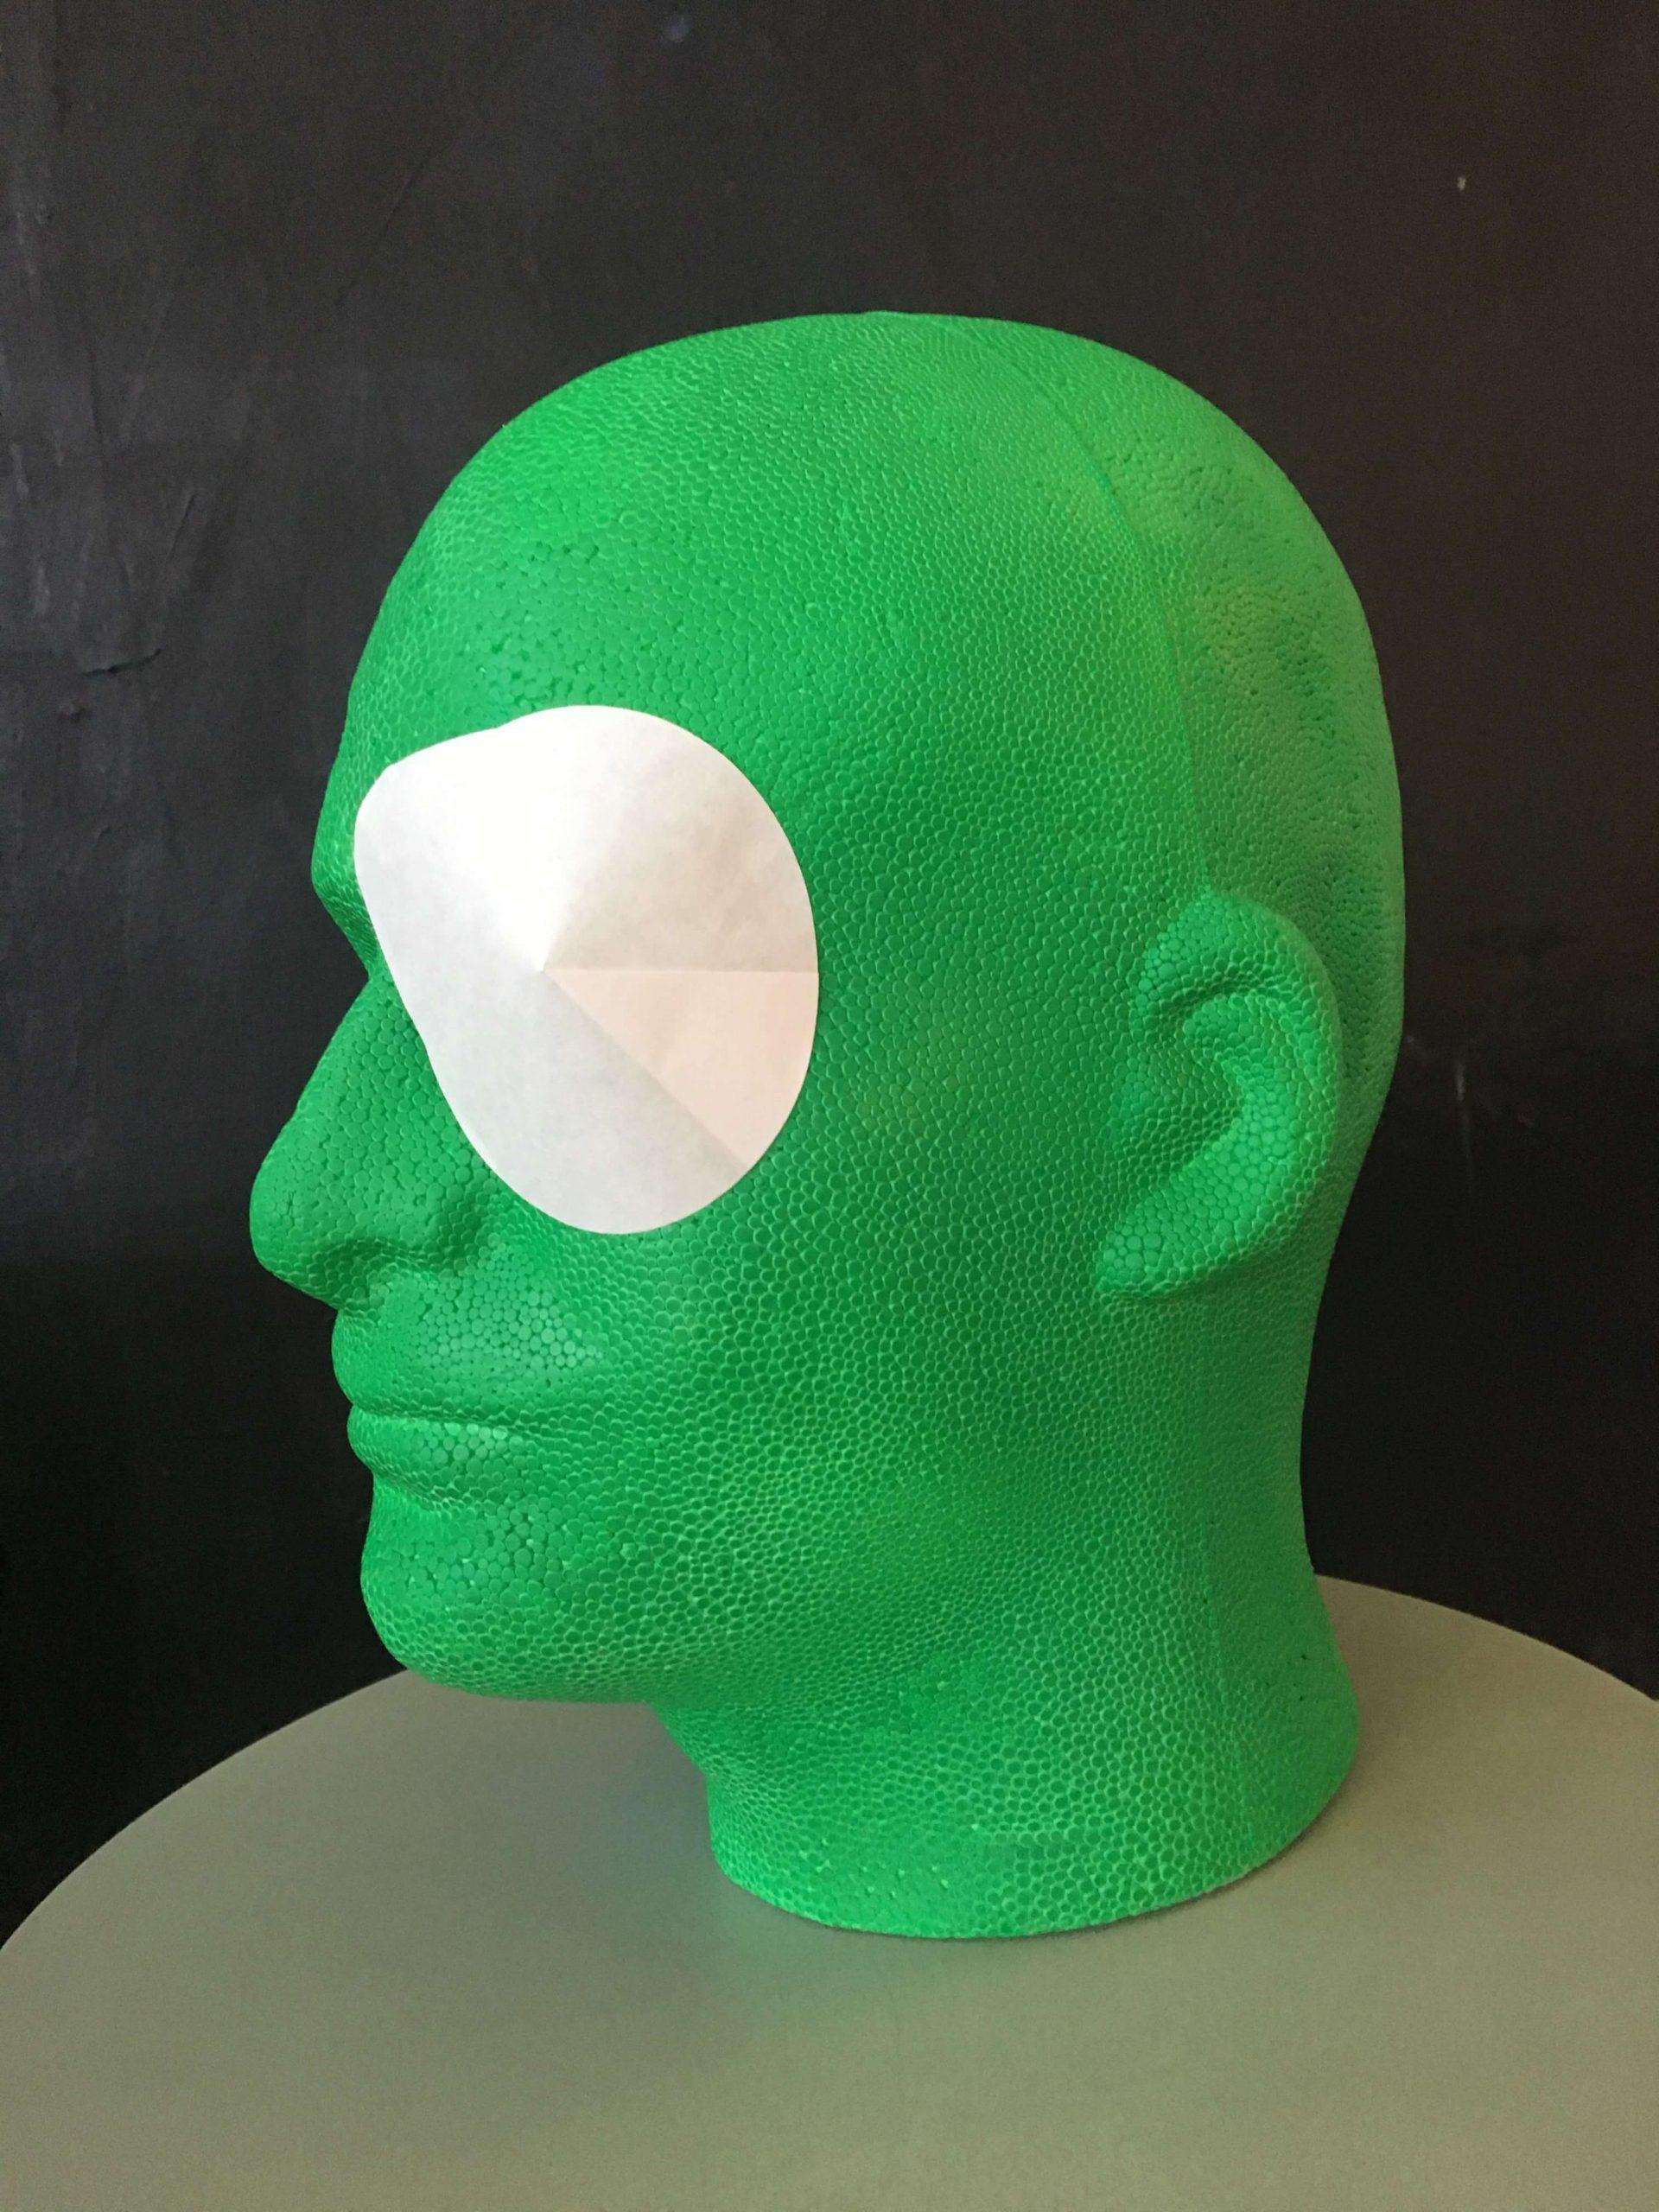 Green Man 1 min (1)